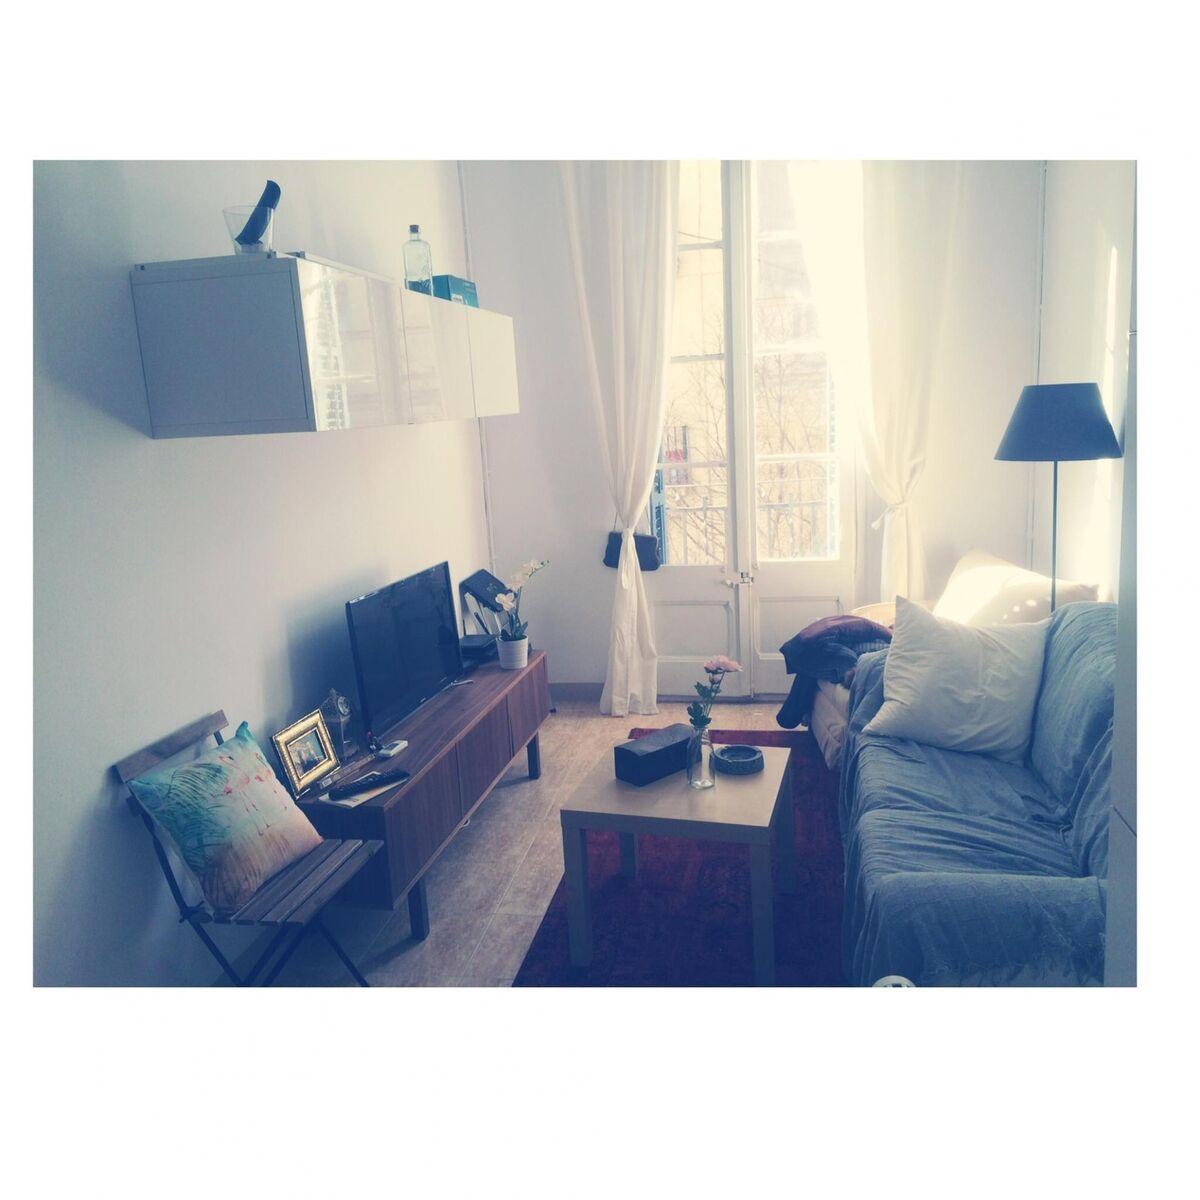 Mueble de salon blanco para colgar barcelona muebles for Compra muebles barcelona